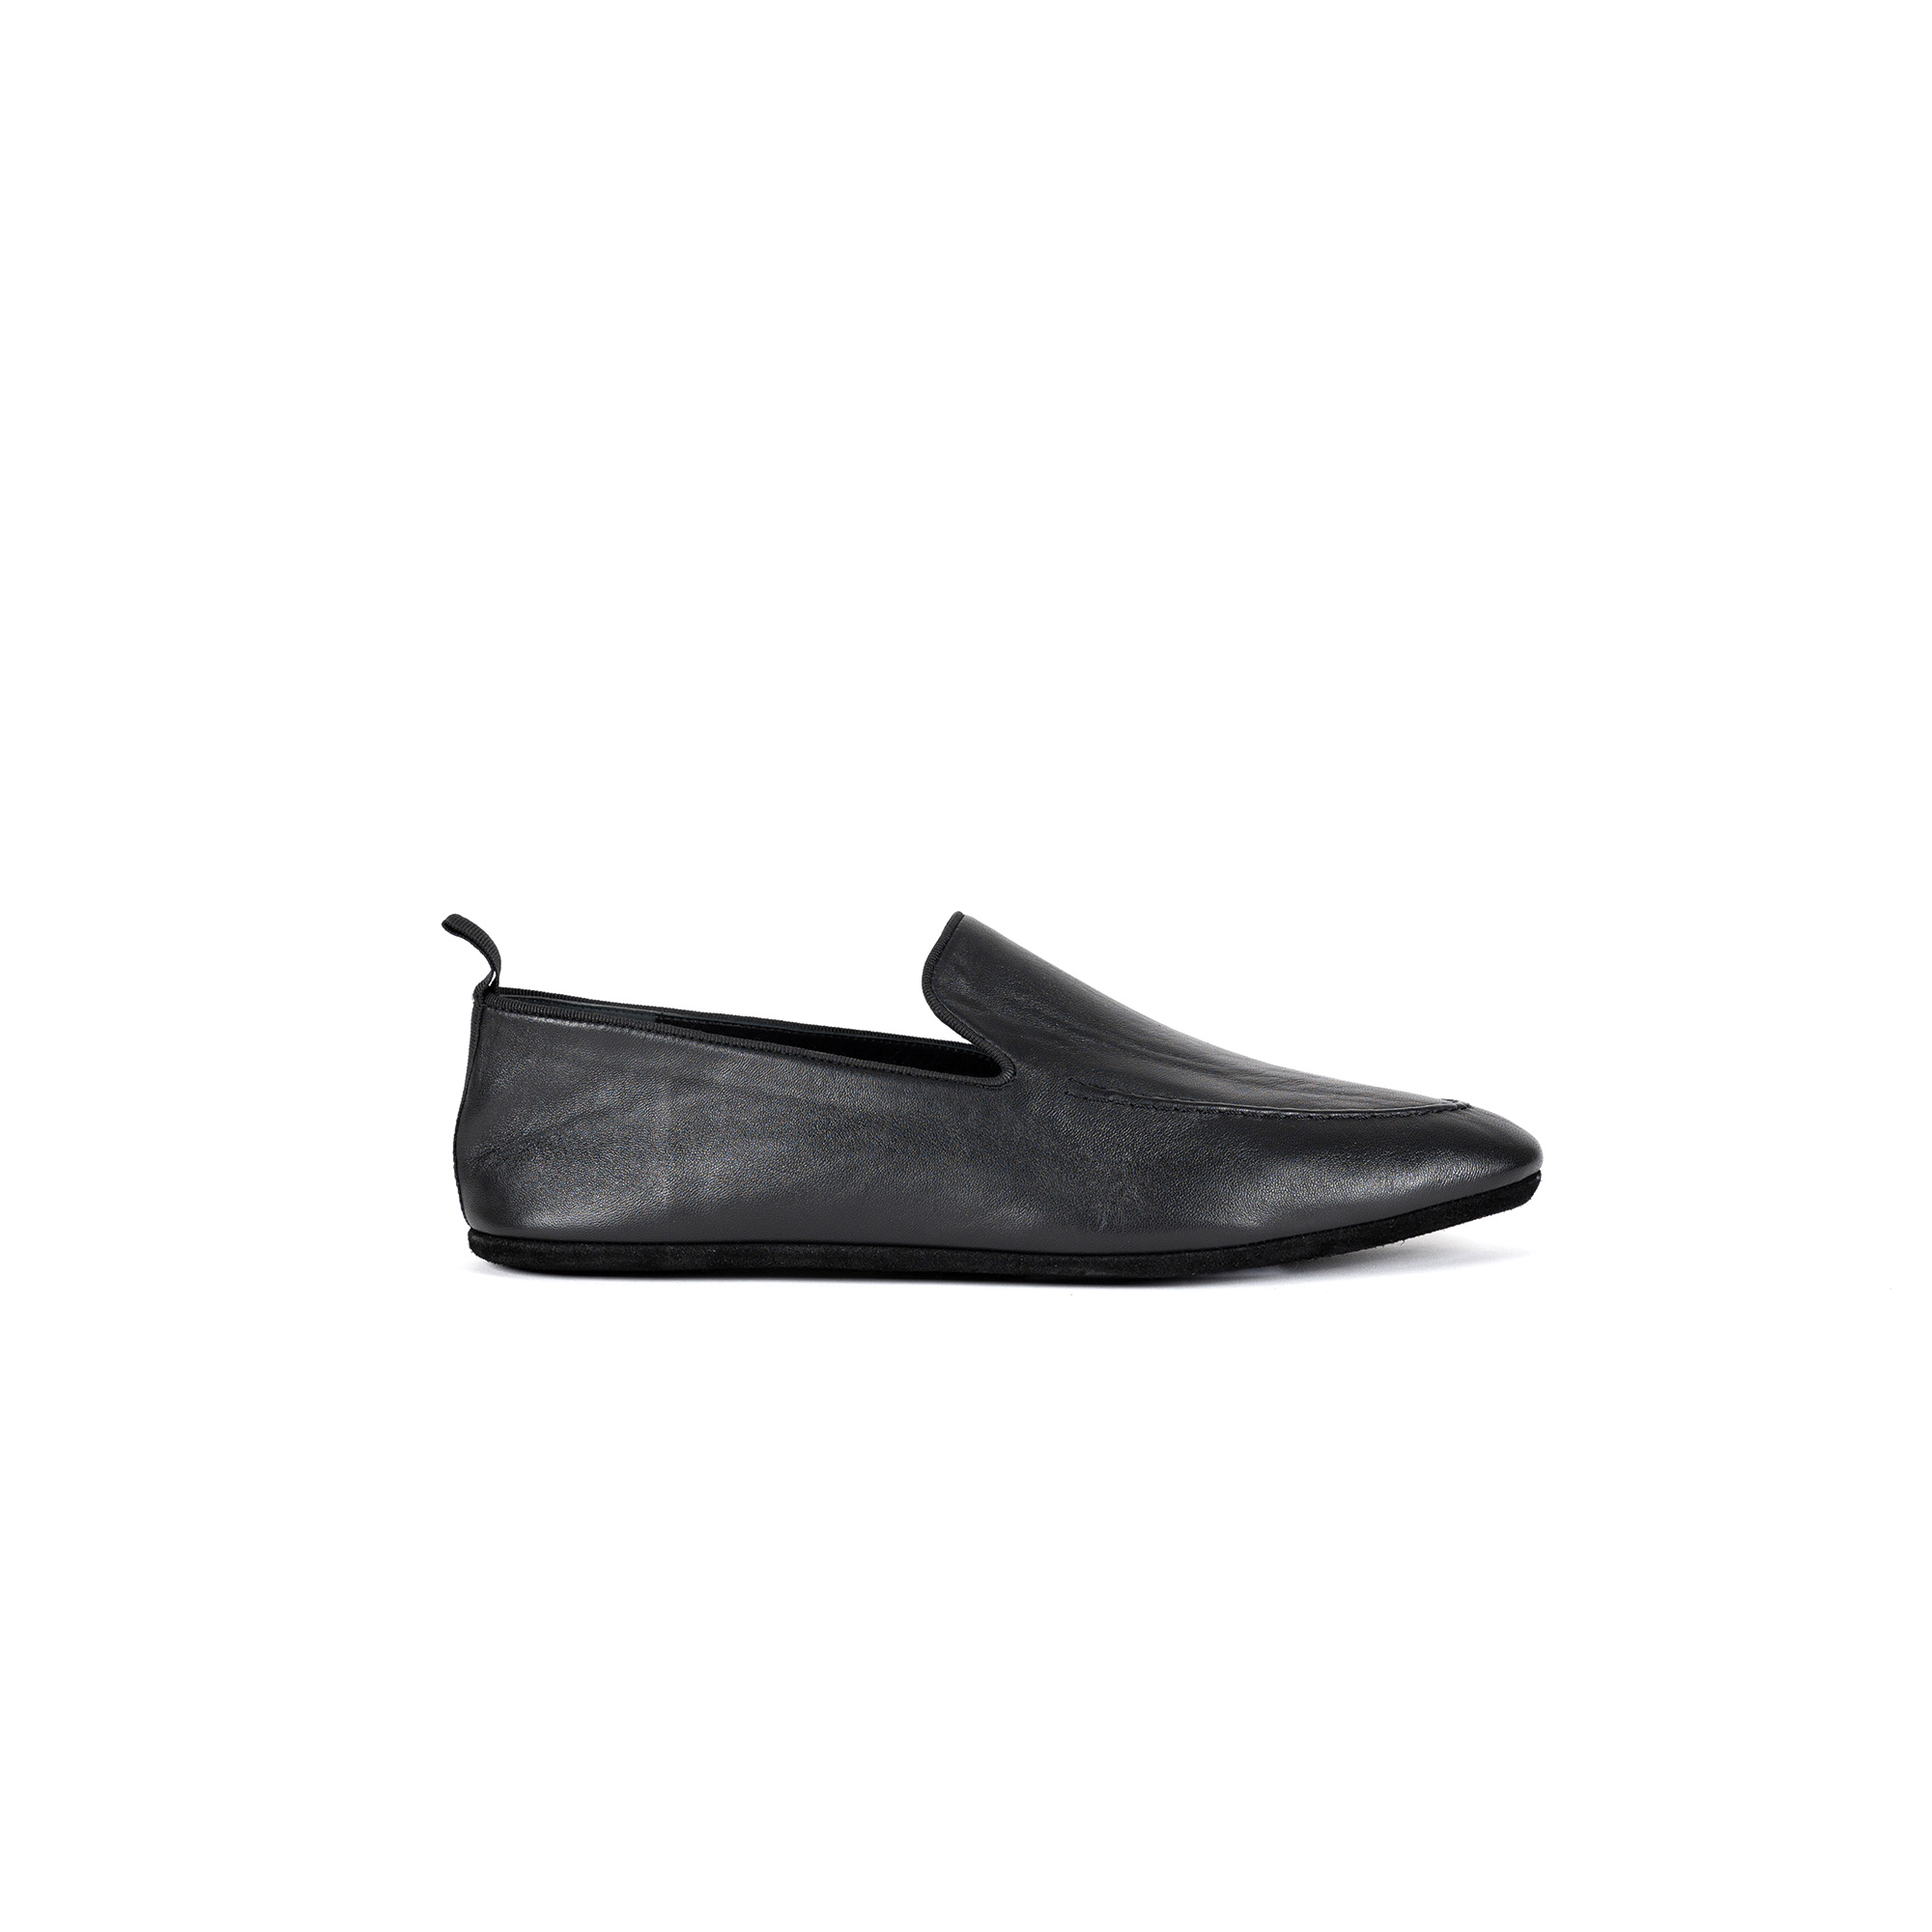 Pantofola interno classico in nappa - Farfalla italian slippers